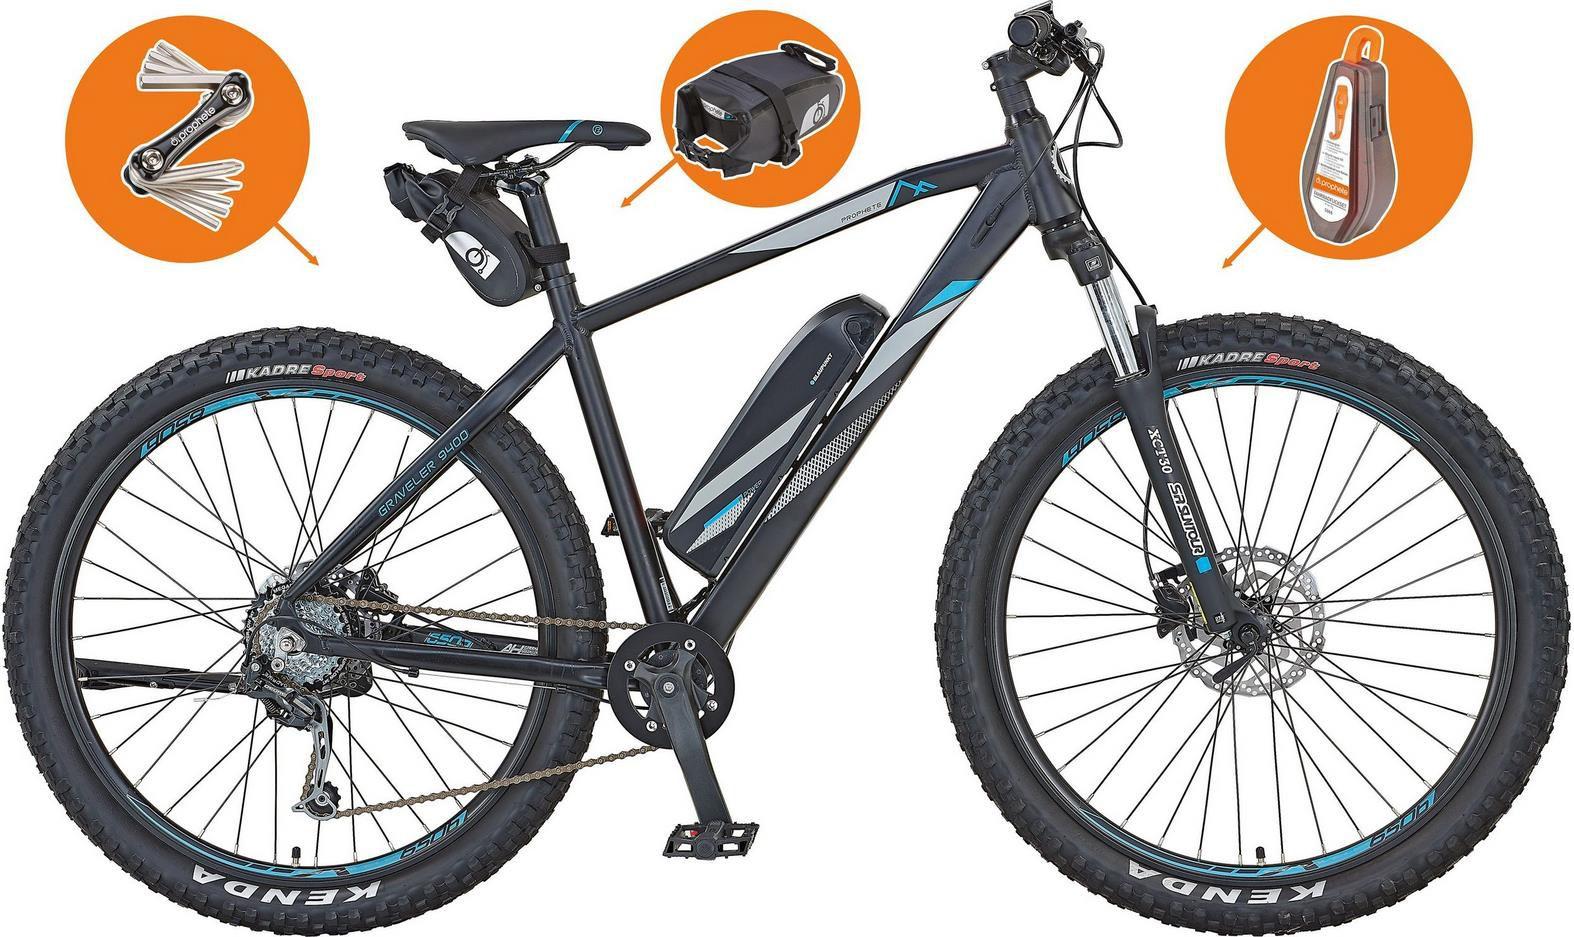 Prophete E Bike Graveler e9400, 8 Gang Shimano, Heckmotor 250 W, inkl. Pannenset und Tasche für 1.308,95€ (statt 1.898€)